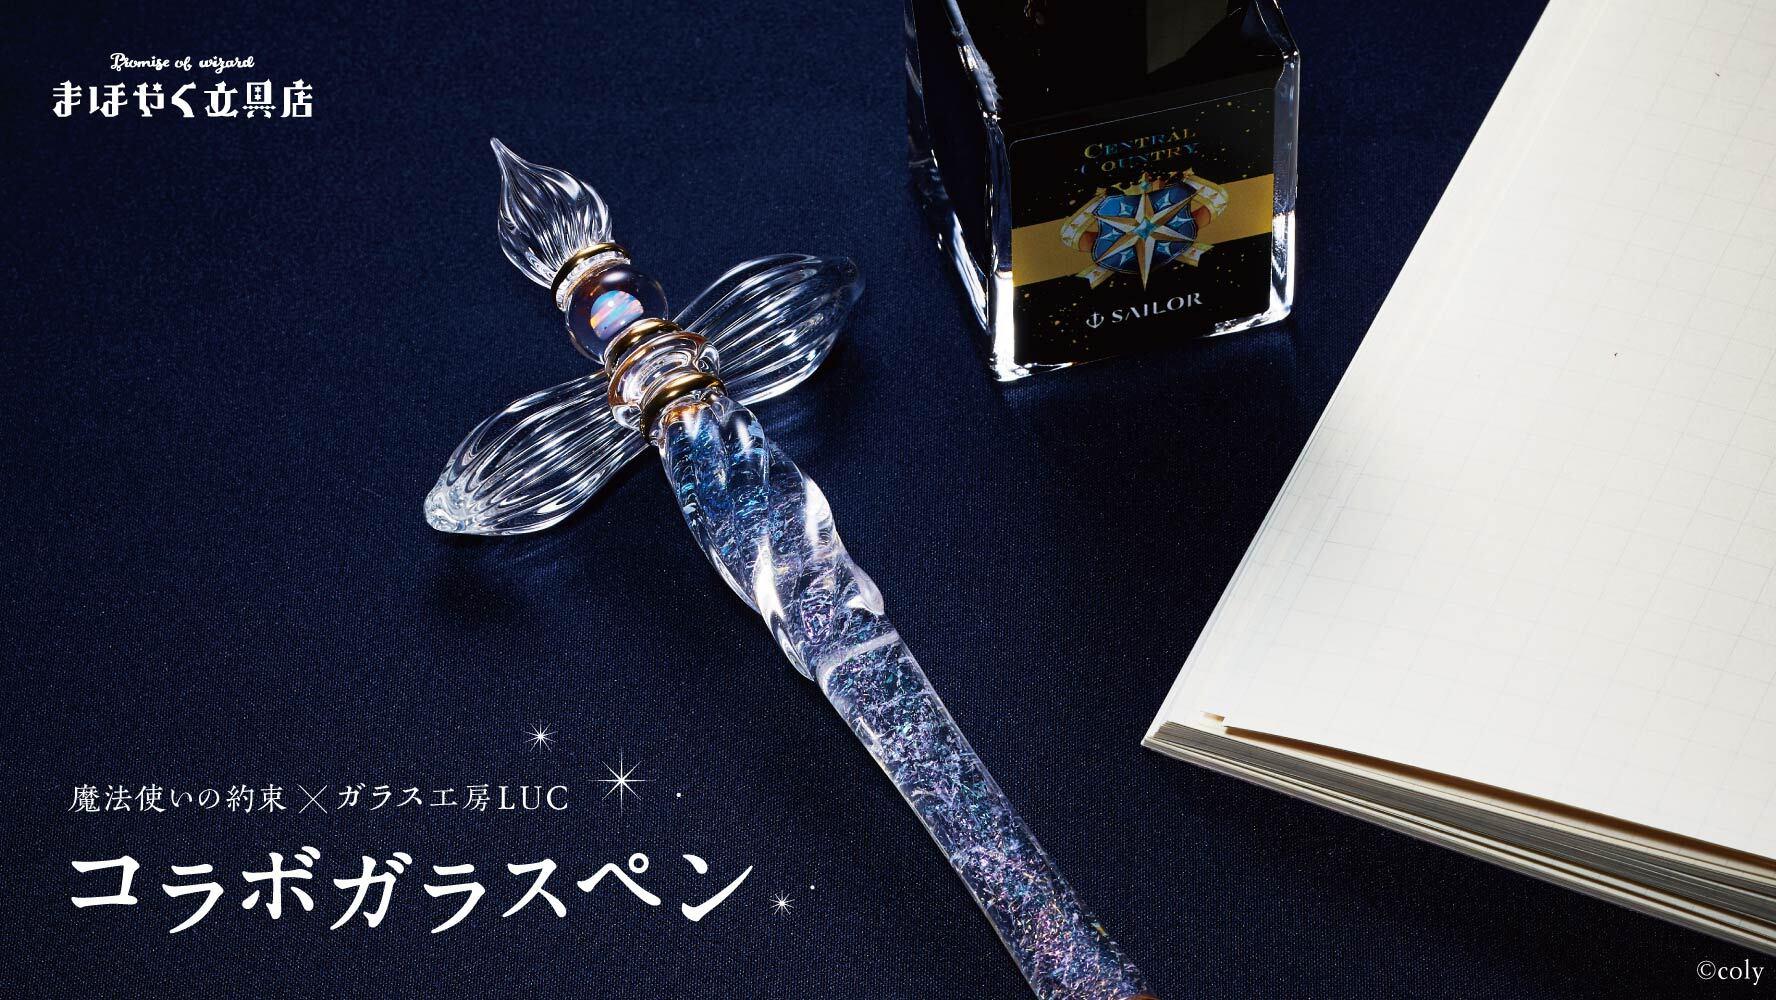 「まほやく文具店」より『魔法使いの約束×ガラス工房LUCコラボガラスペン』抽選発売について